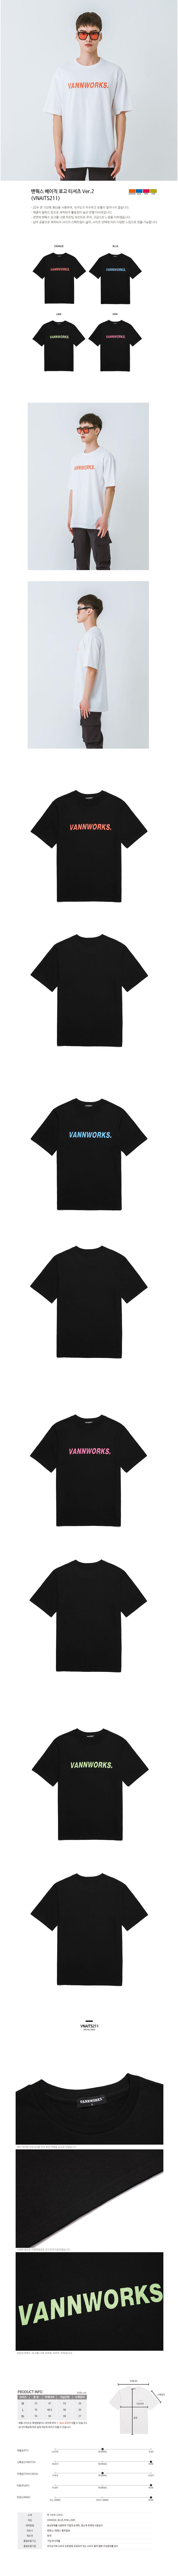 밴웍스(VANNWORKS) 베이직 로고 티셔츠 VER.2 (VNAITS211) 블루